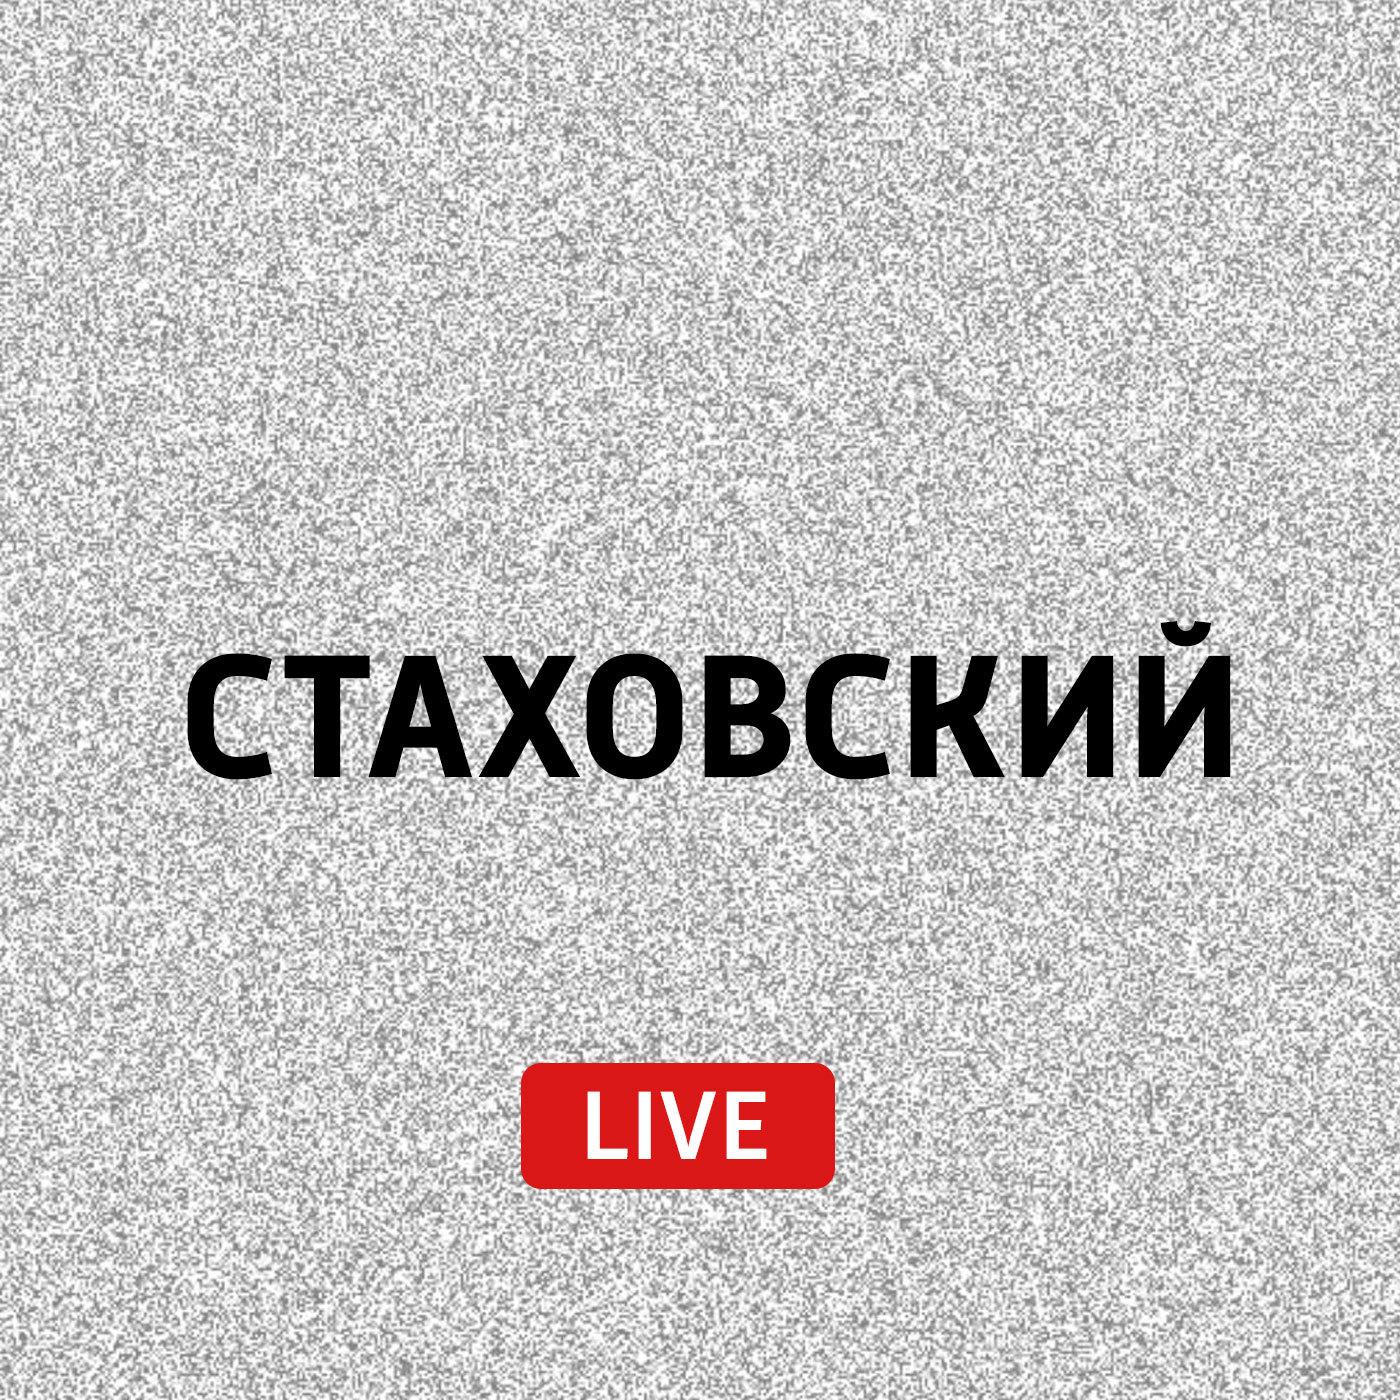 Евгений Стаховский Обо всем понемногу книга ольги бузовой цена счастья читать онлайн